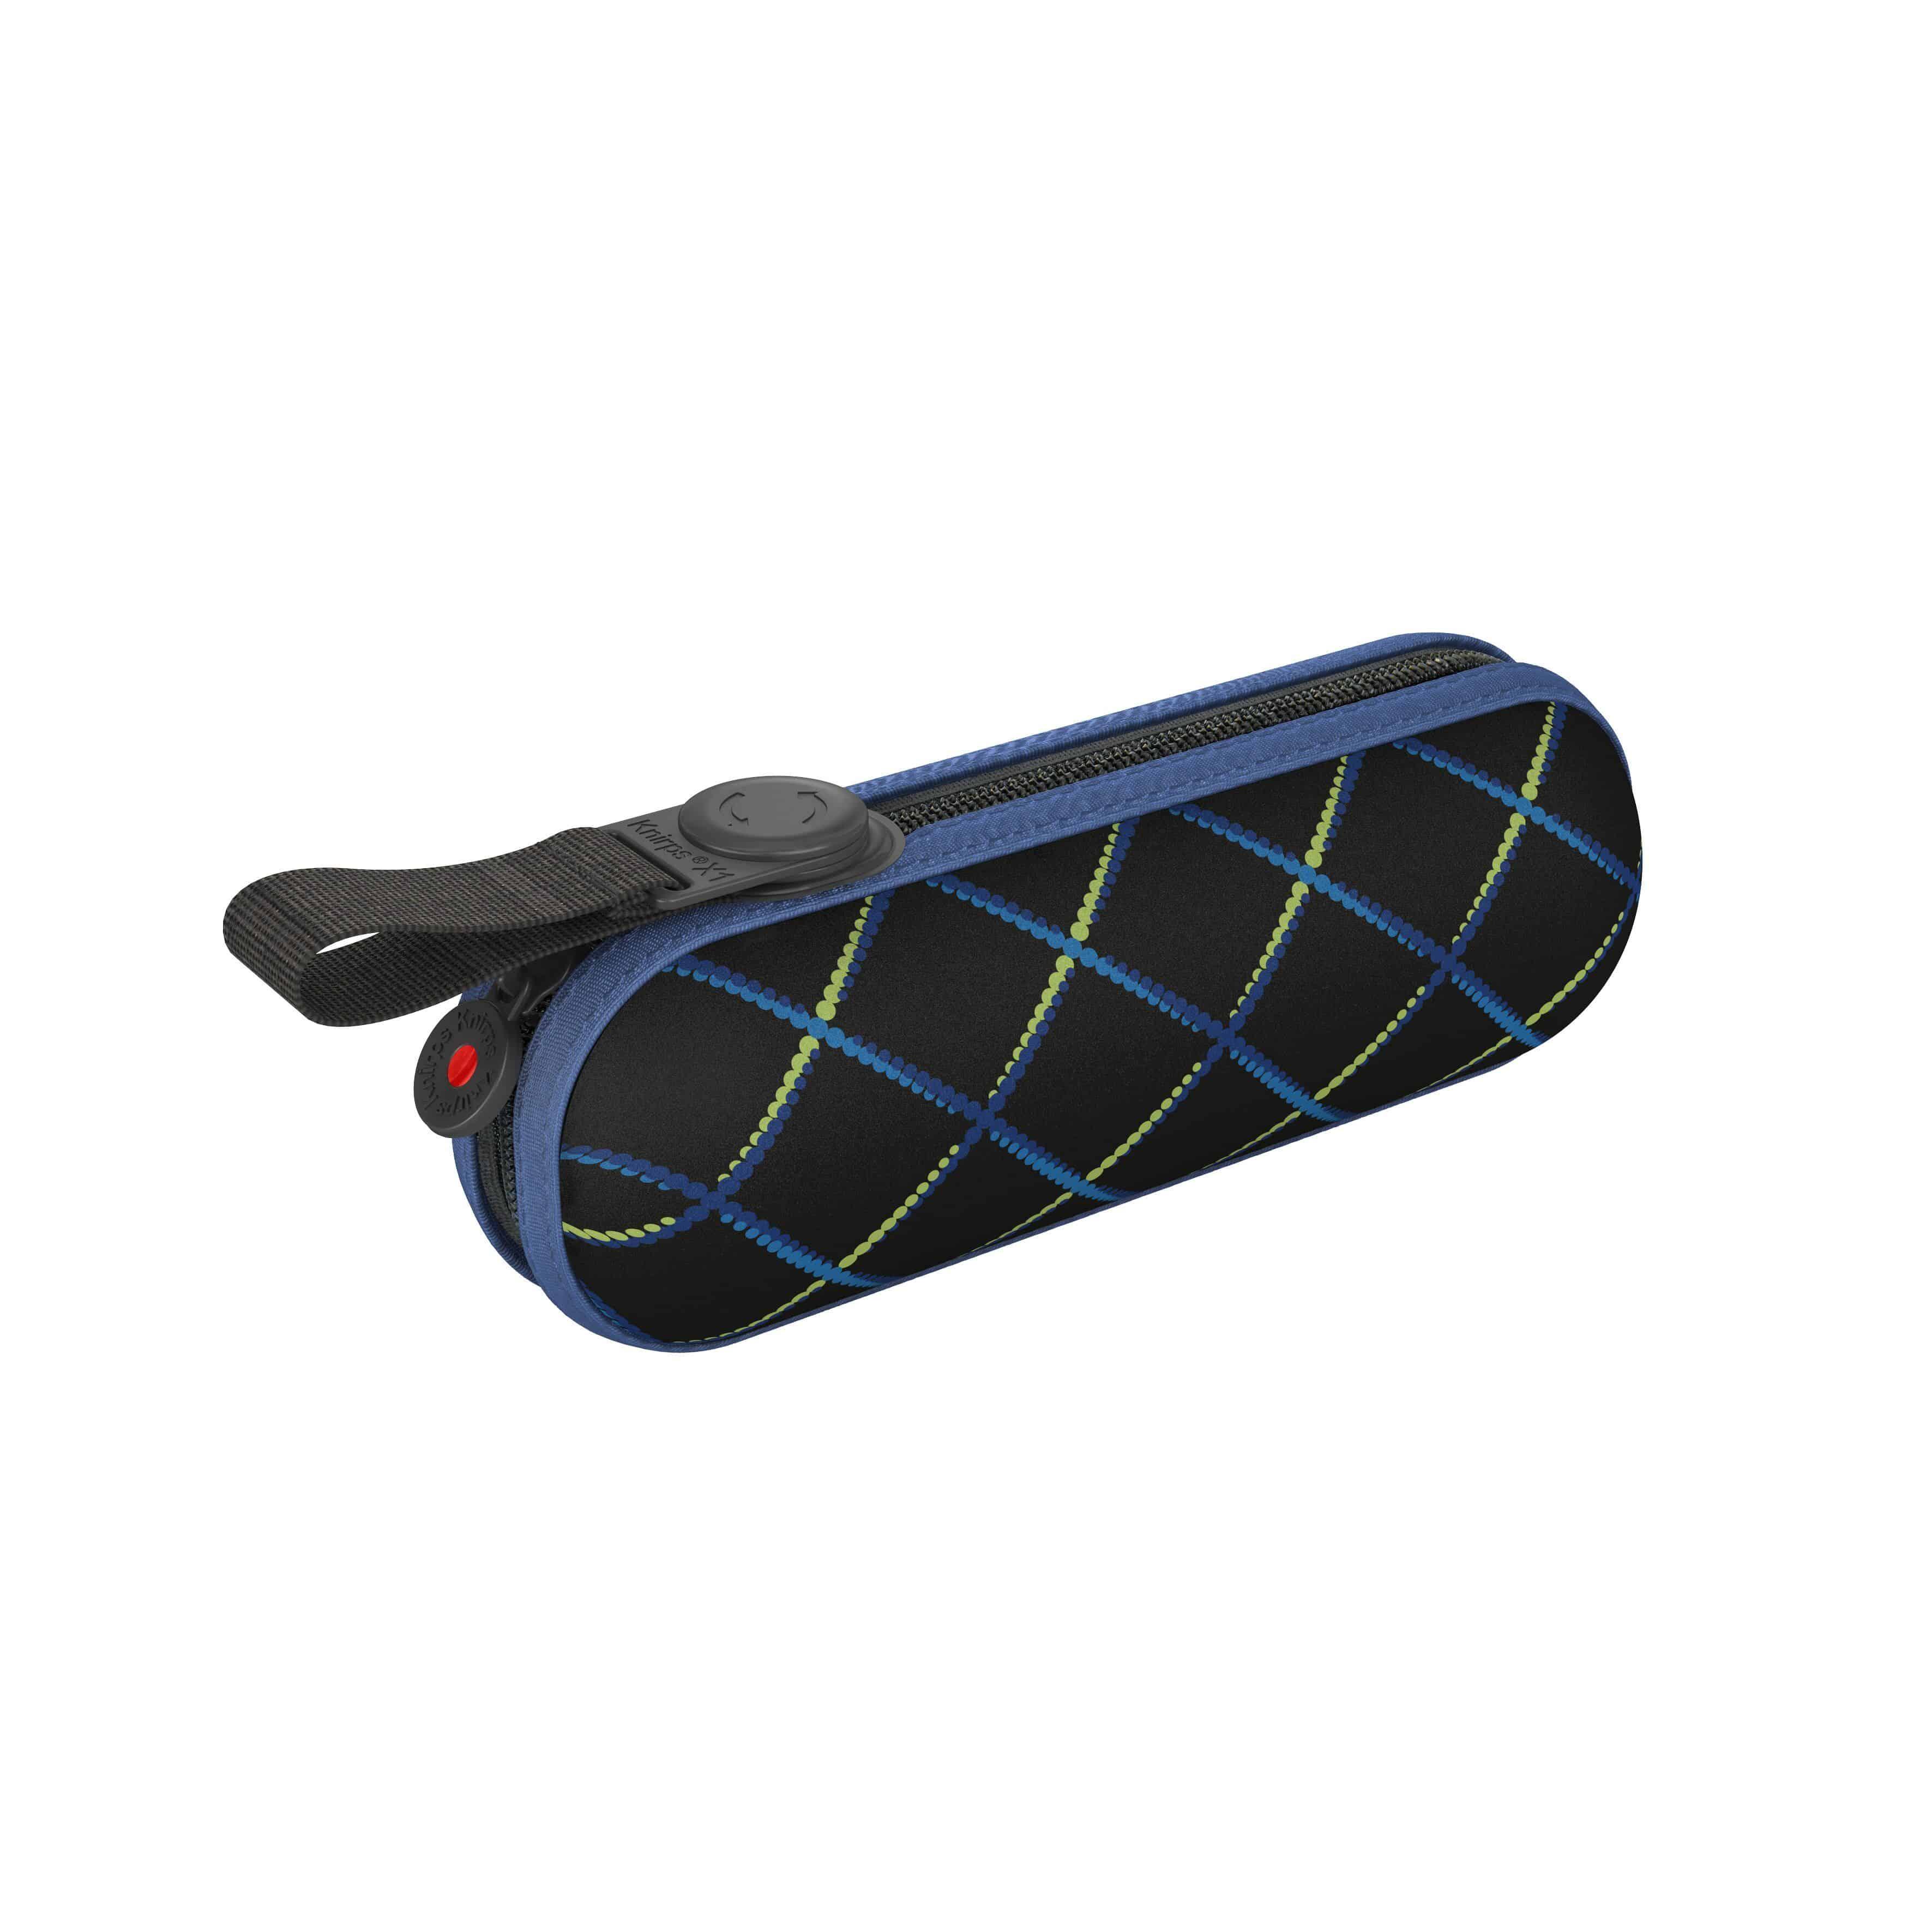 Knirps Umbrella X1 manual (8 ribs)